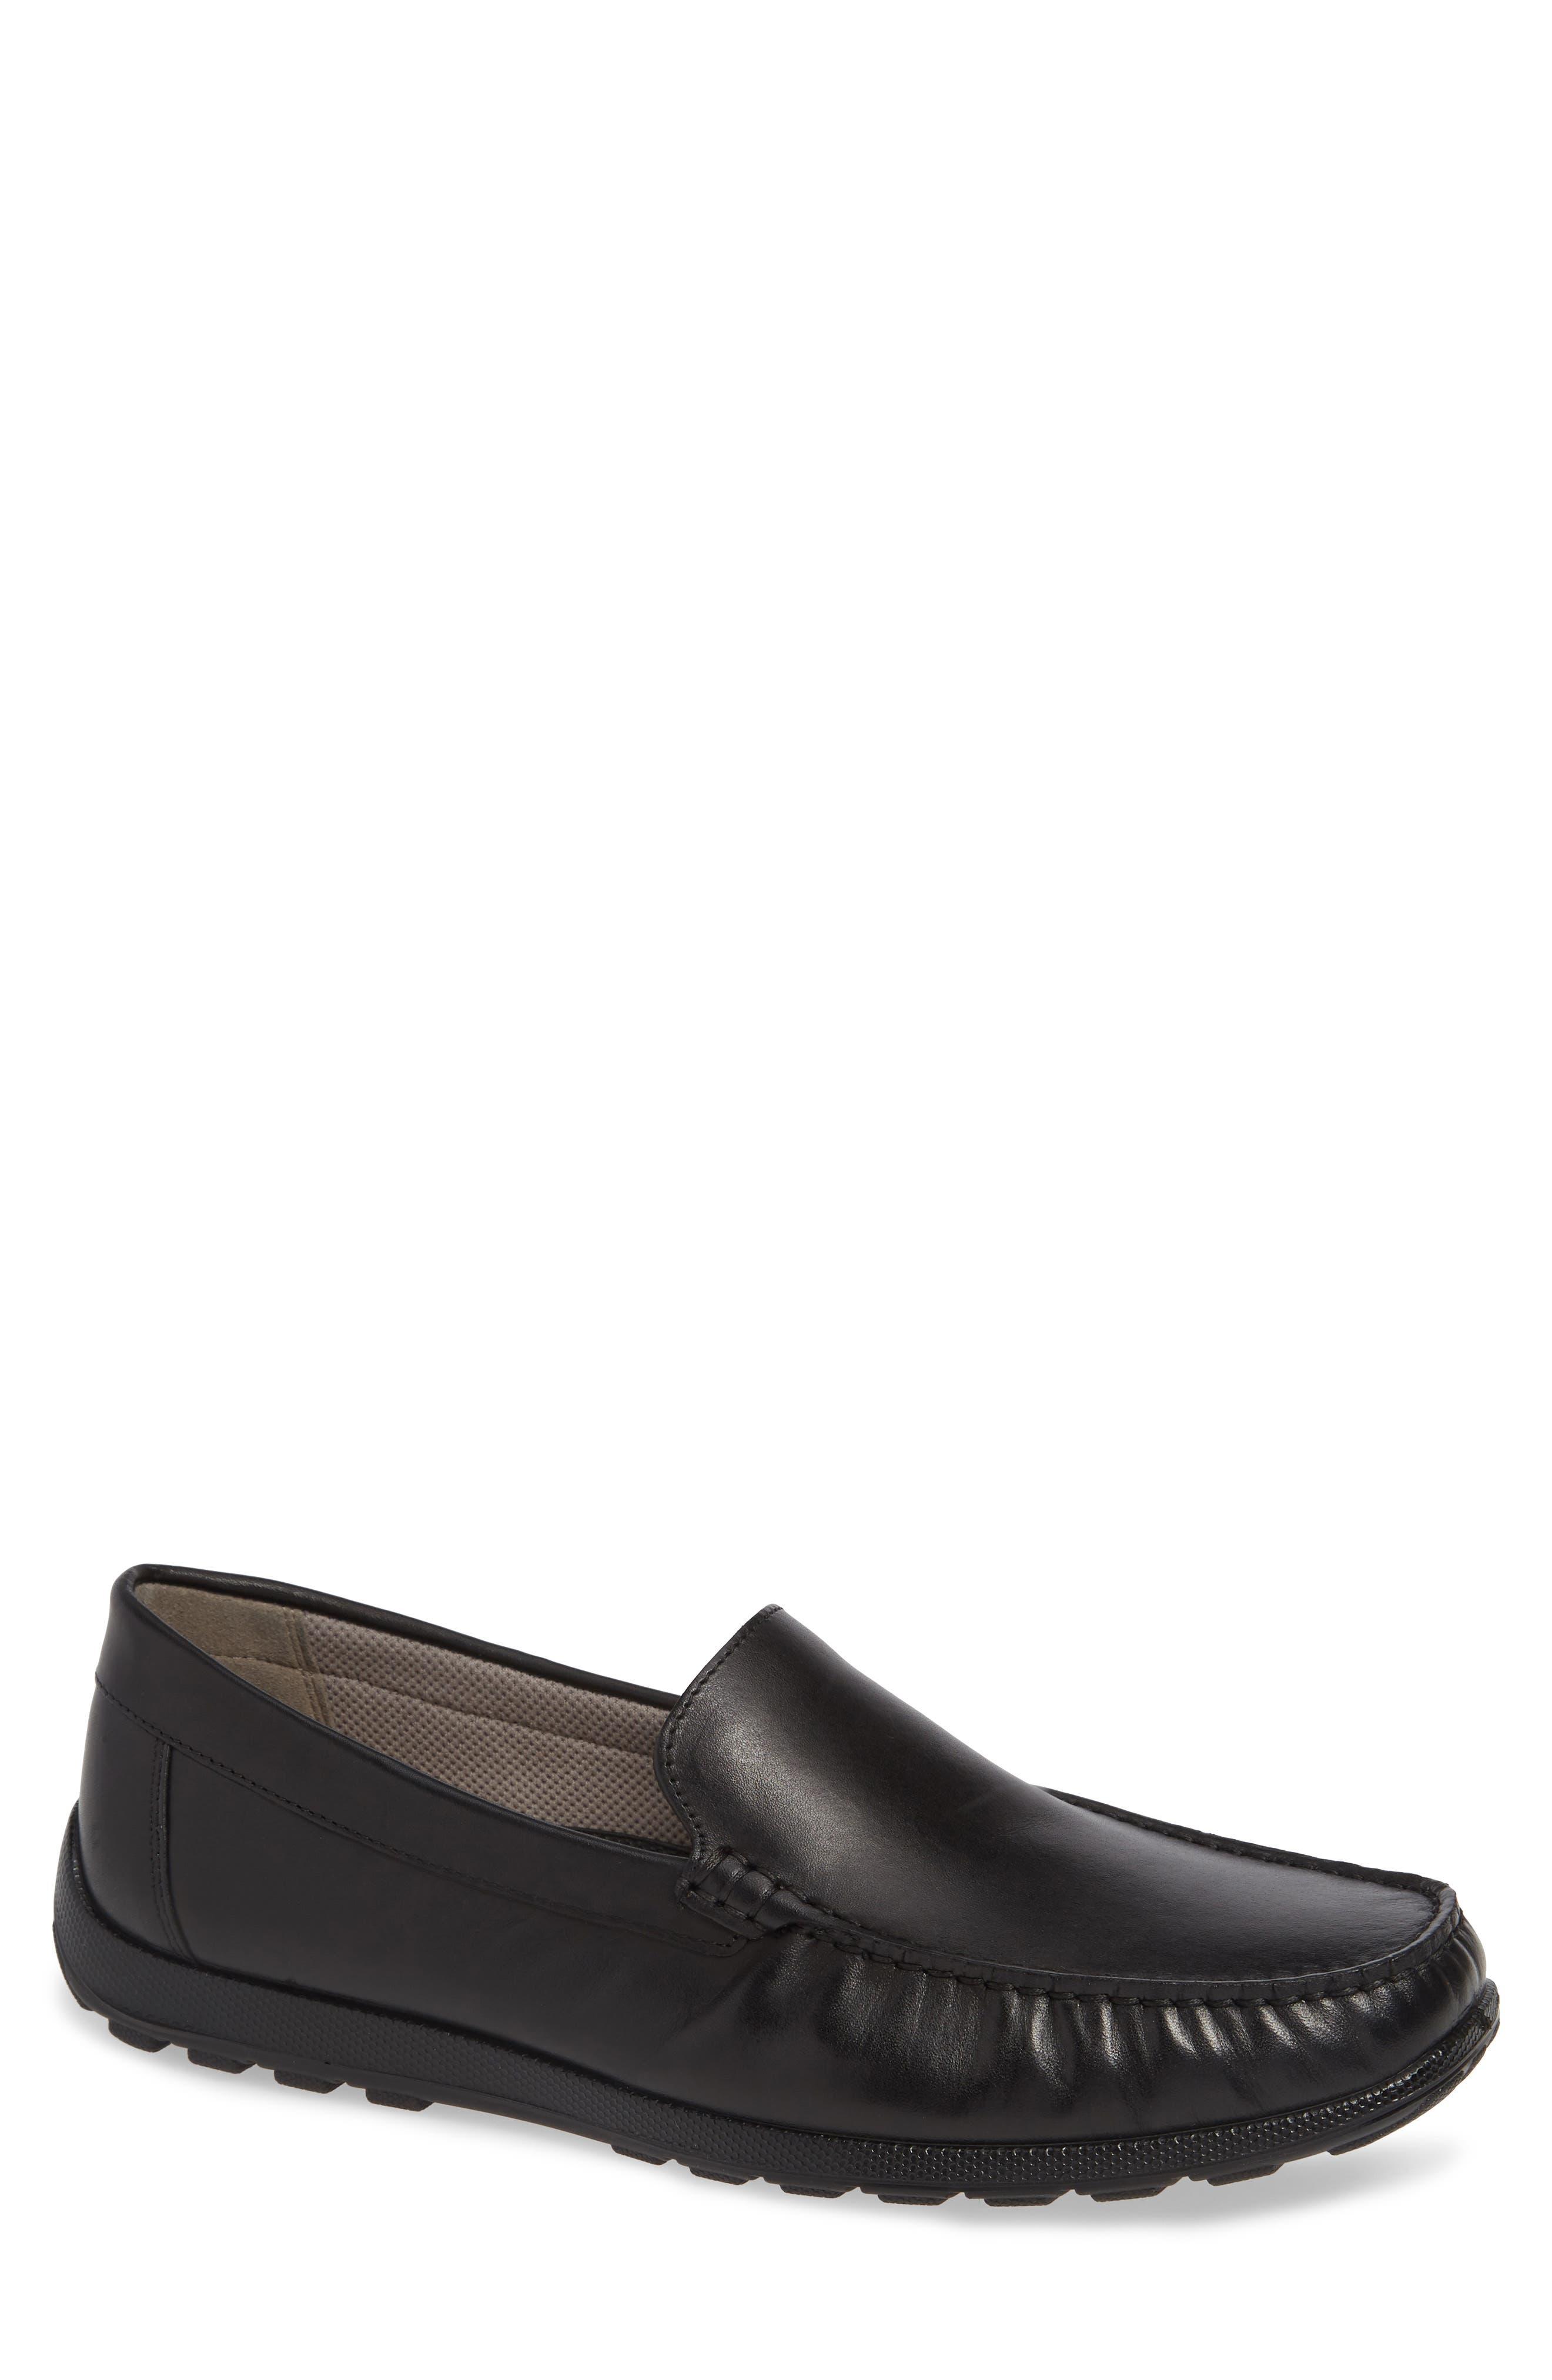 ECCO Reciprico Driving Shoe, Main, color, BLACK LEATHER